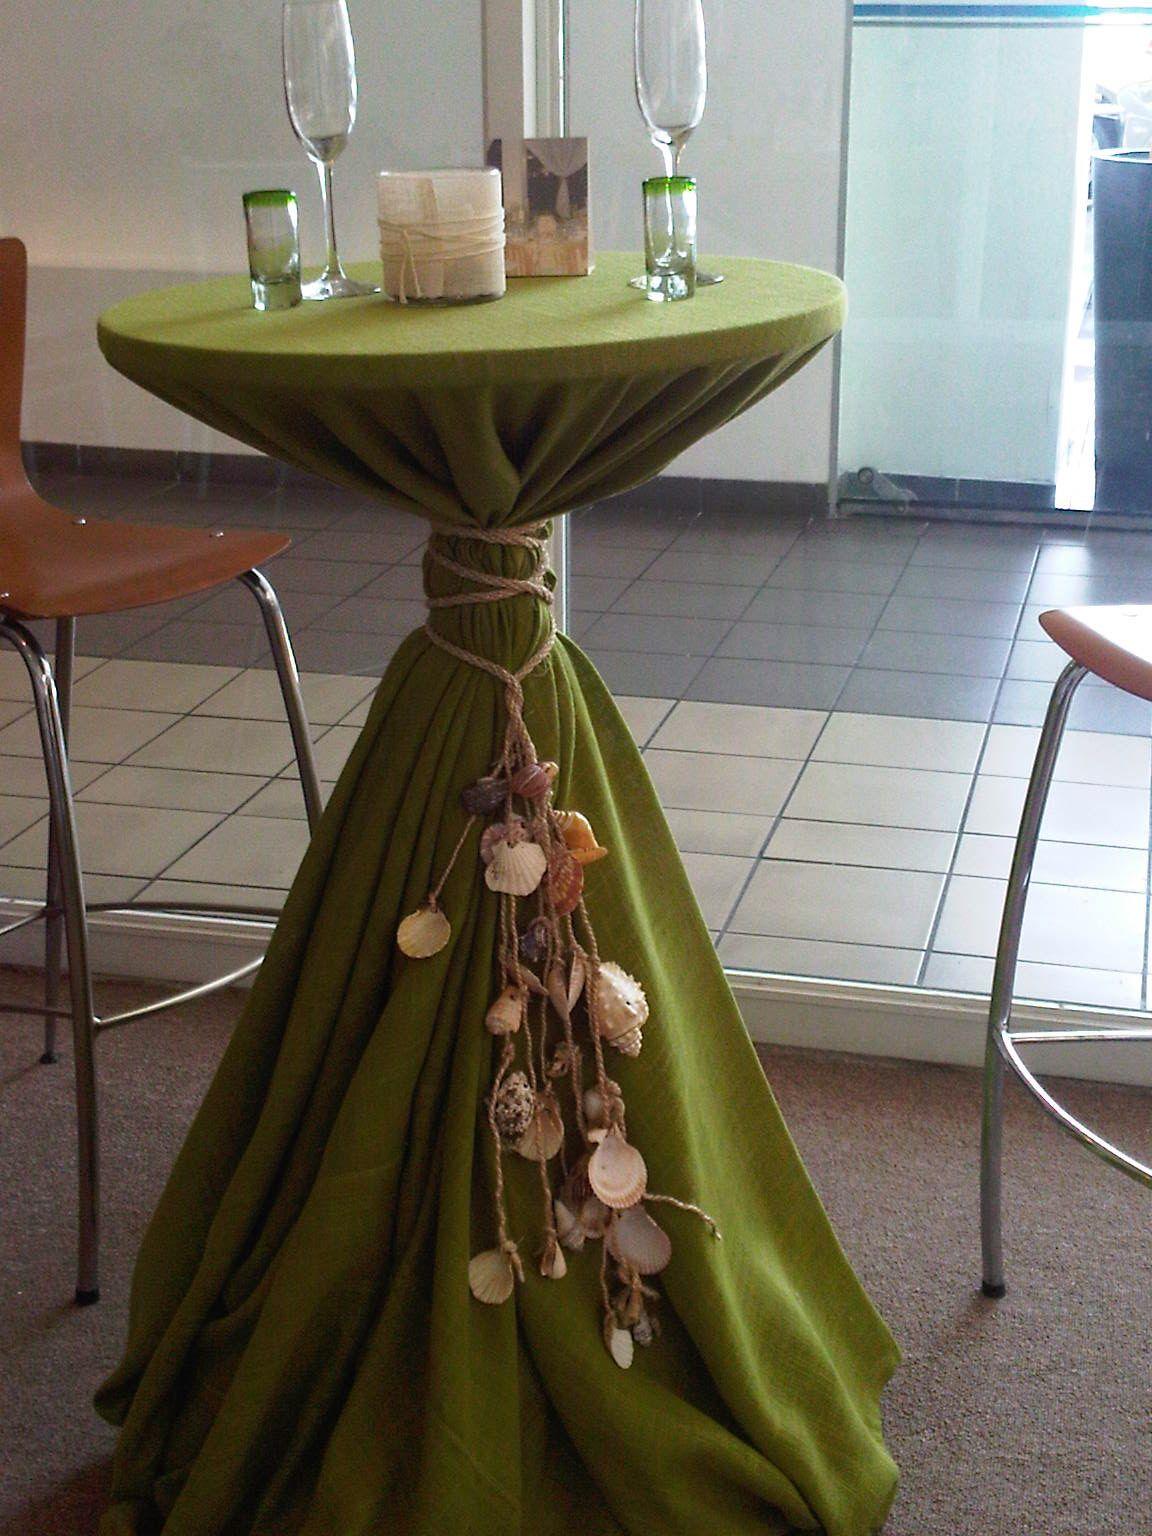 Out door weddings mesa coctelera con mantel de yute color - Imagenes de mesas con manteles ...